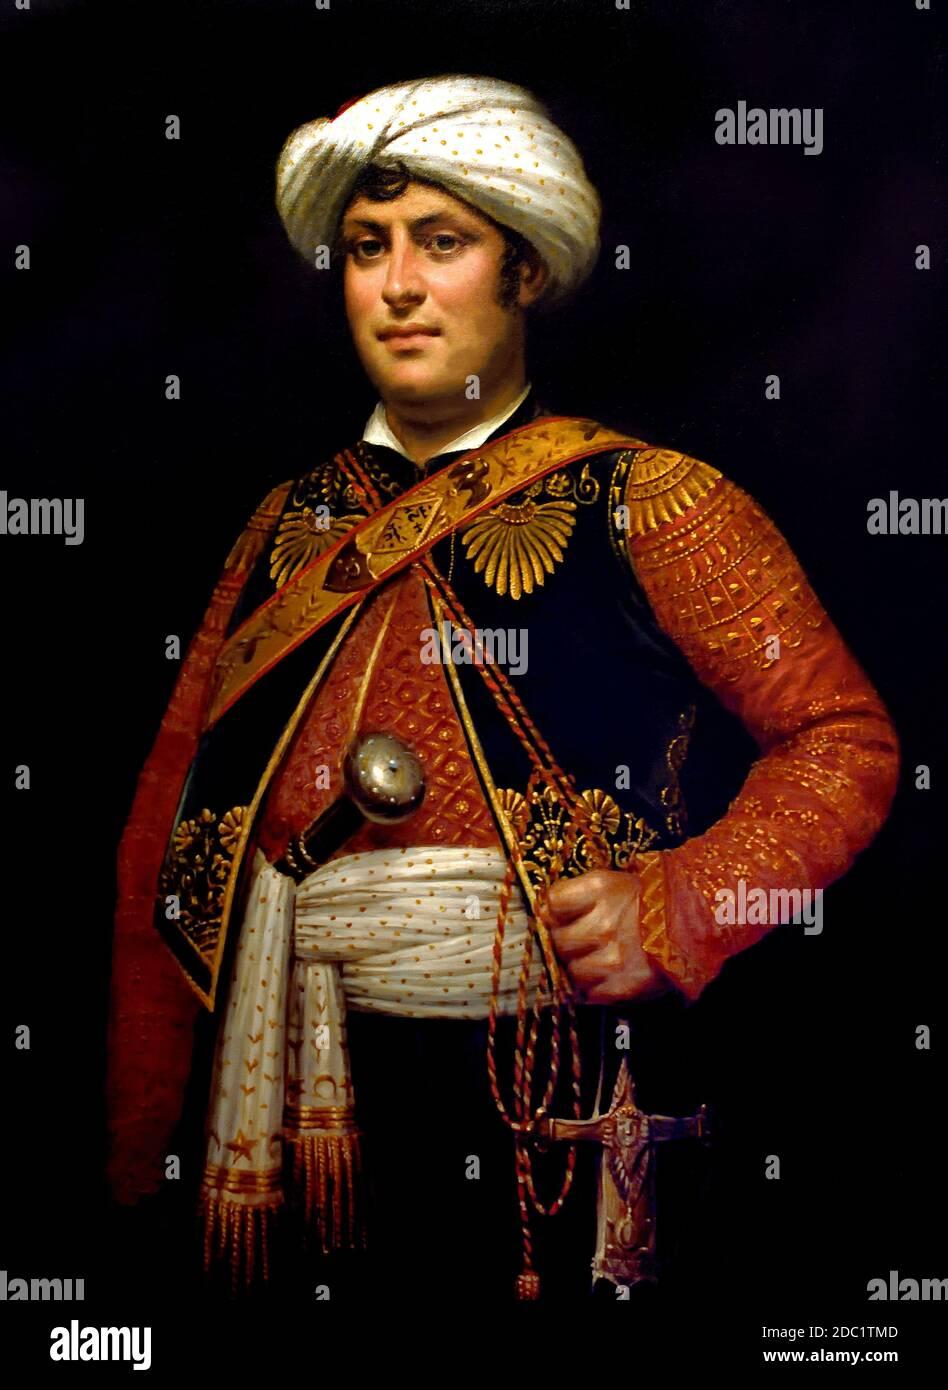 Roustam el Mameluke 1780-1845 Francia, francés. (Ejército del emperador Napoleón Bonaparte) raza Roustam, una exótica excepción entre los guardias de Napoleón Foto de stock